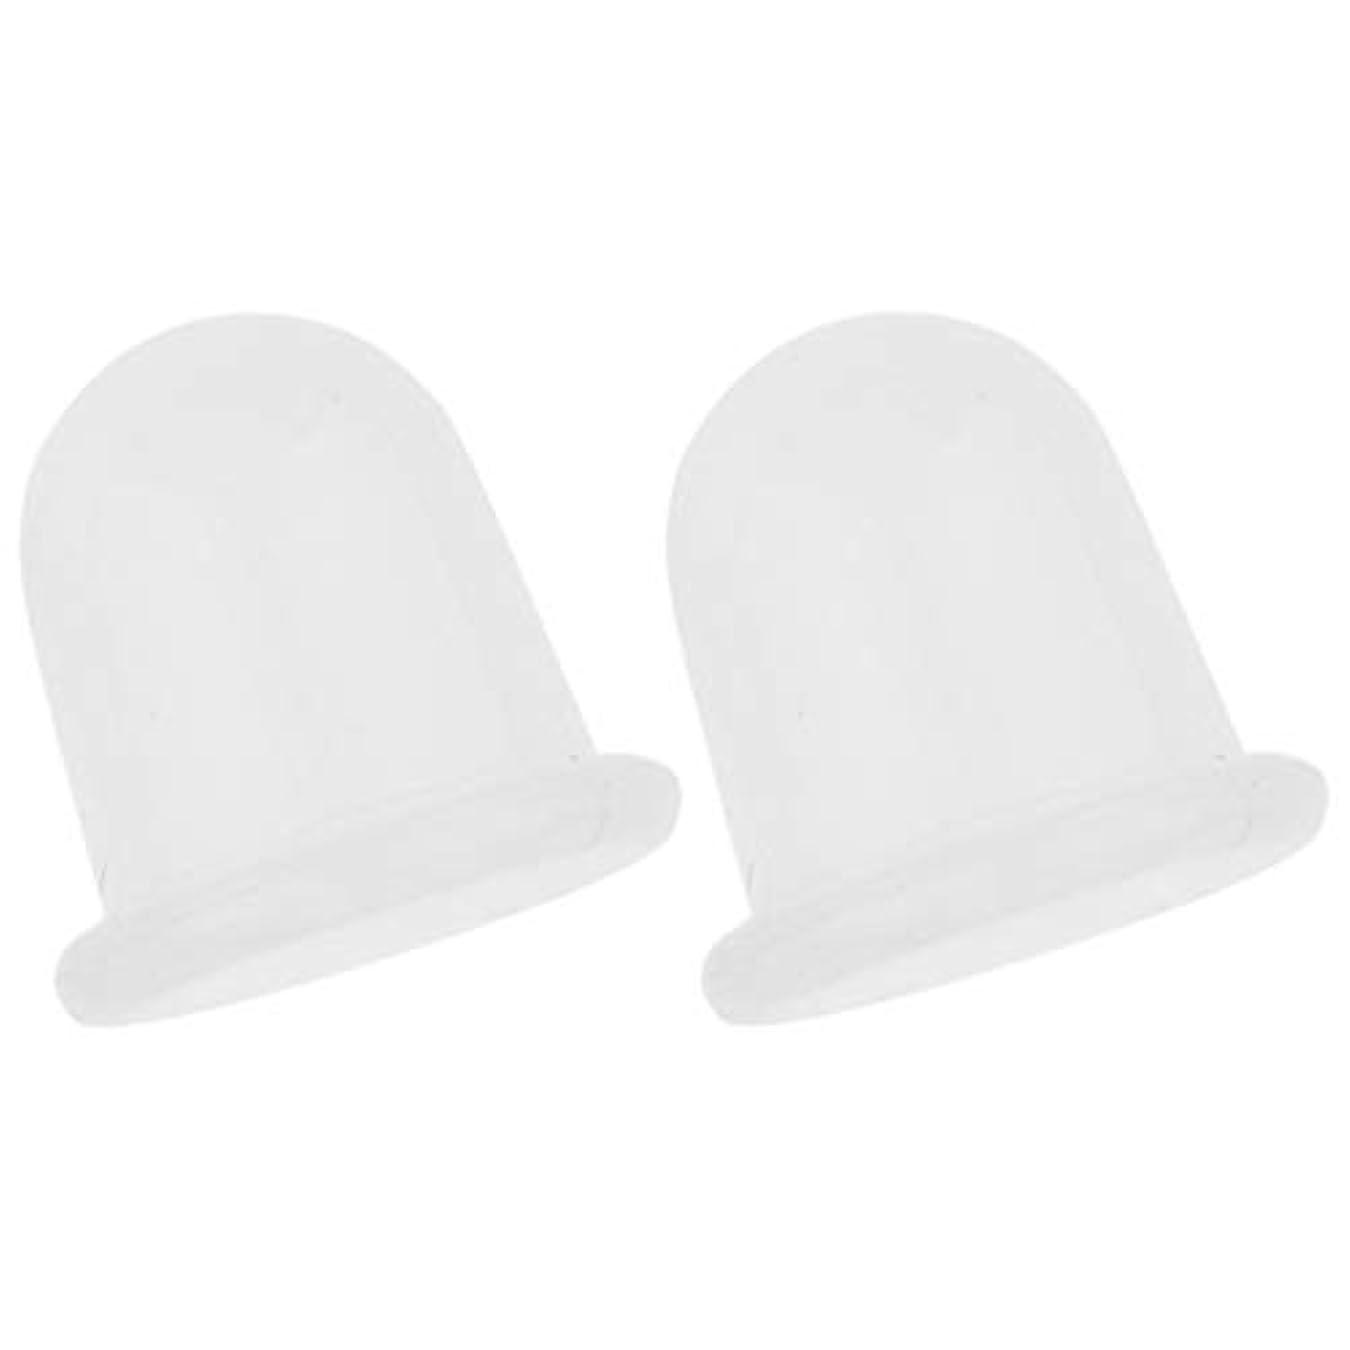 カビ組み立てる並外れたボディー ビューティーストレス 空カップ 吸い玉 真空カッピングカップ 持ち運び 可能 汎用 2個入り